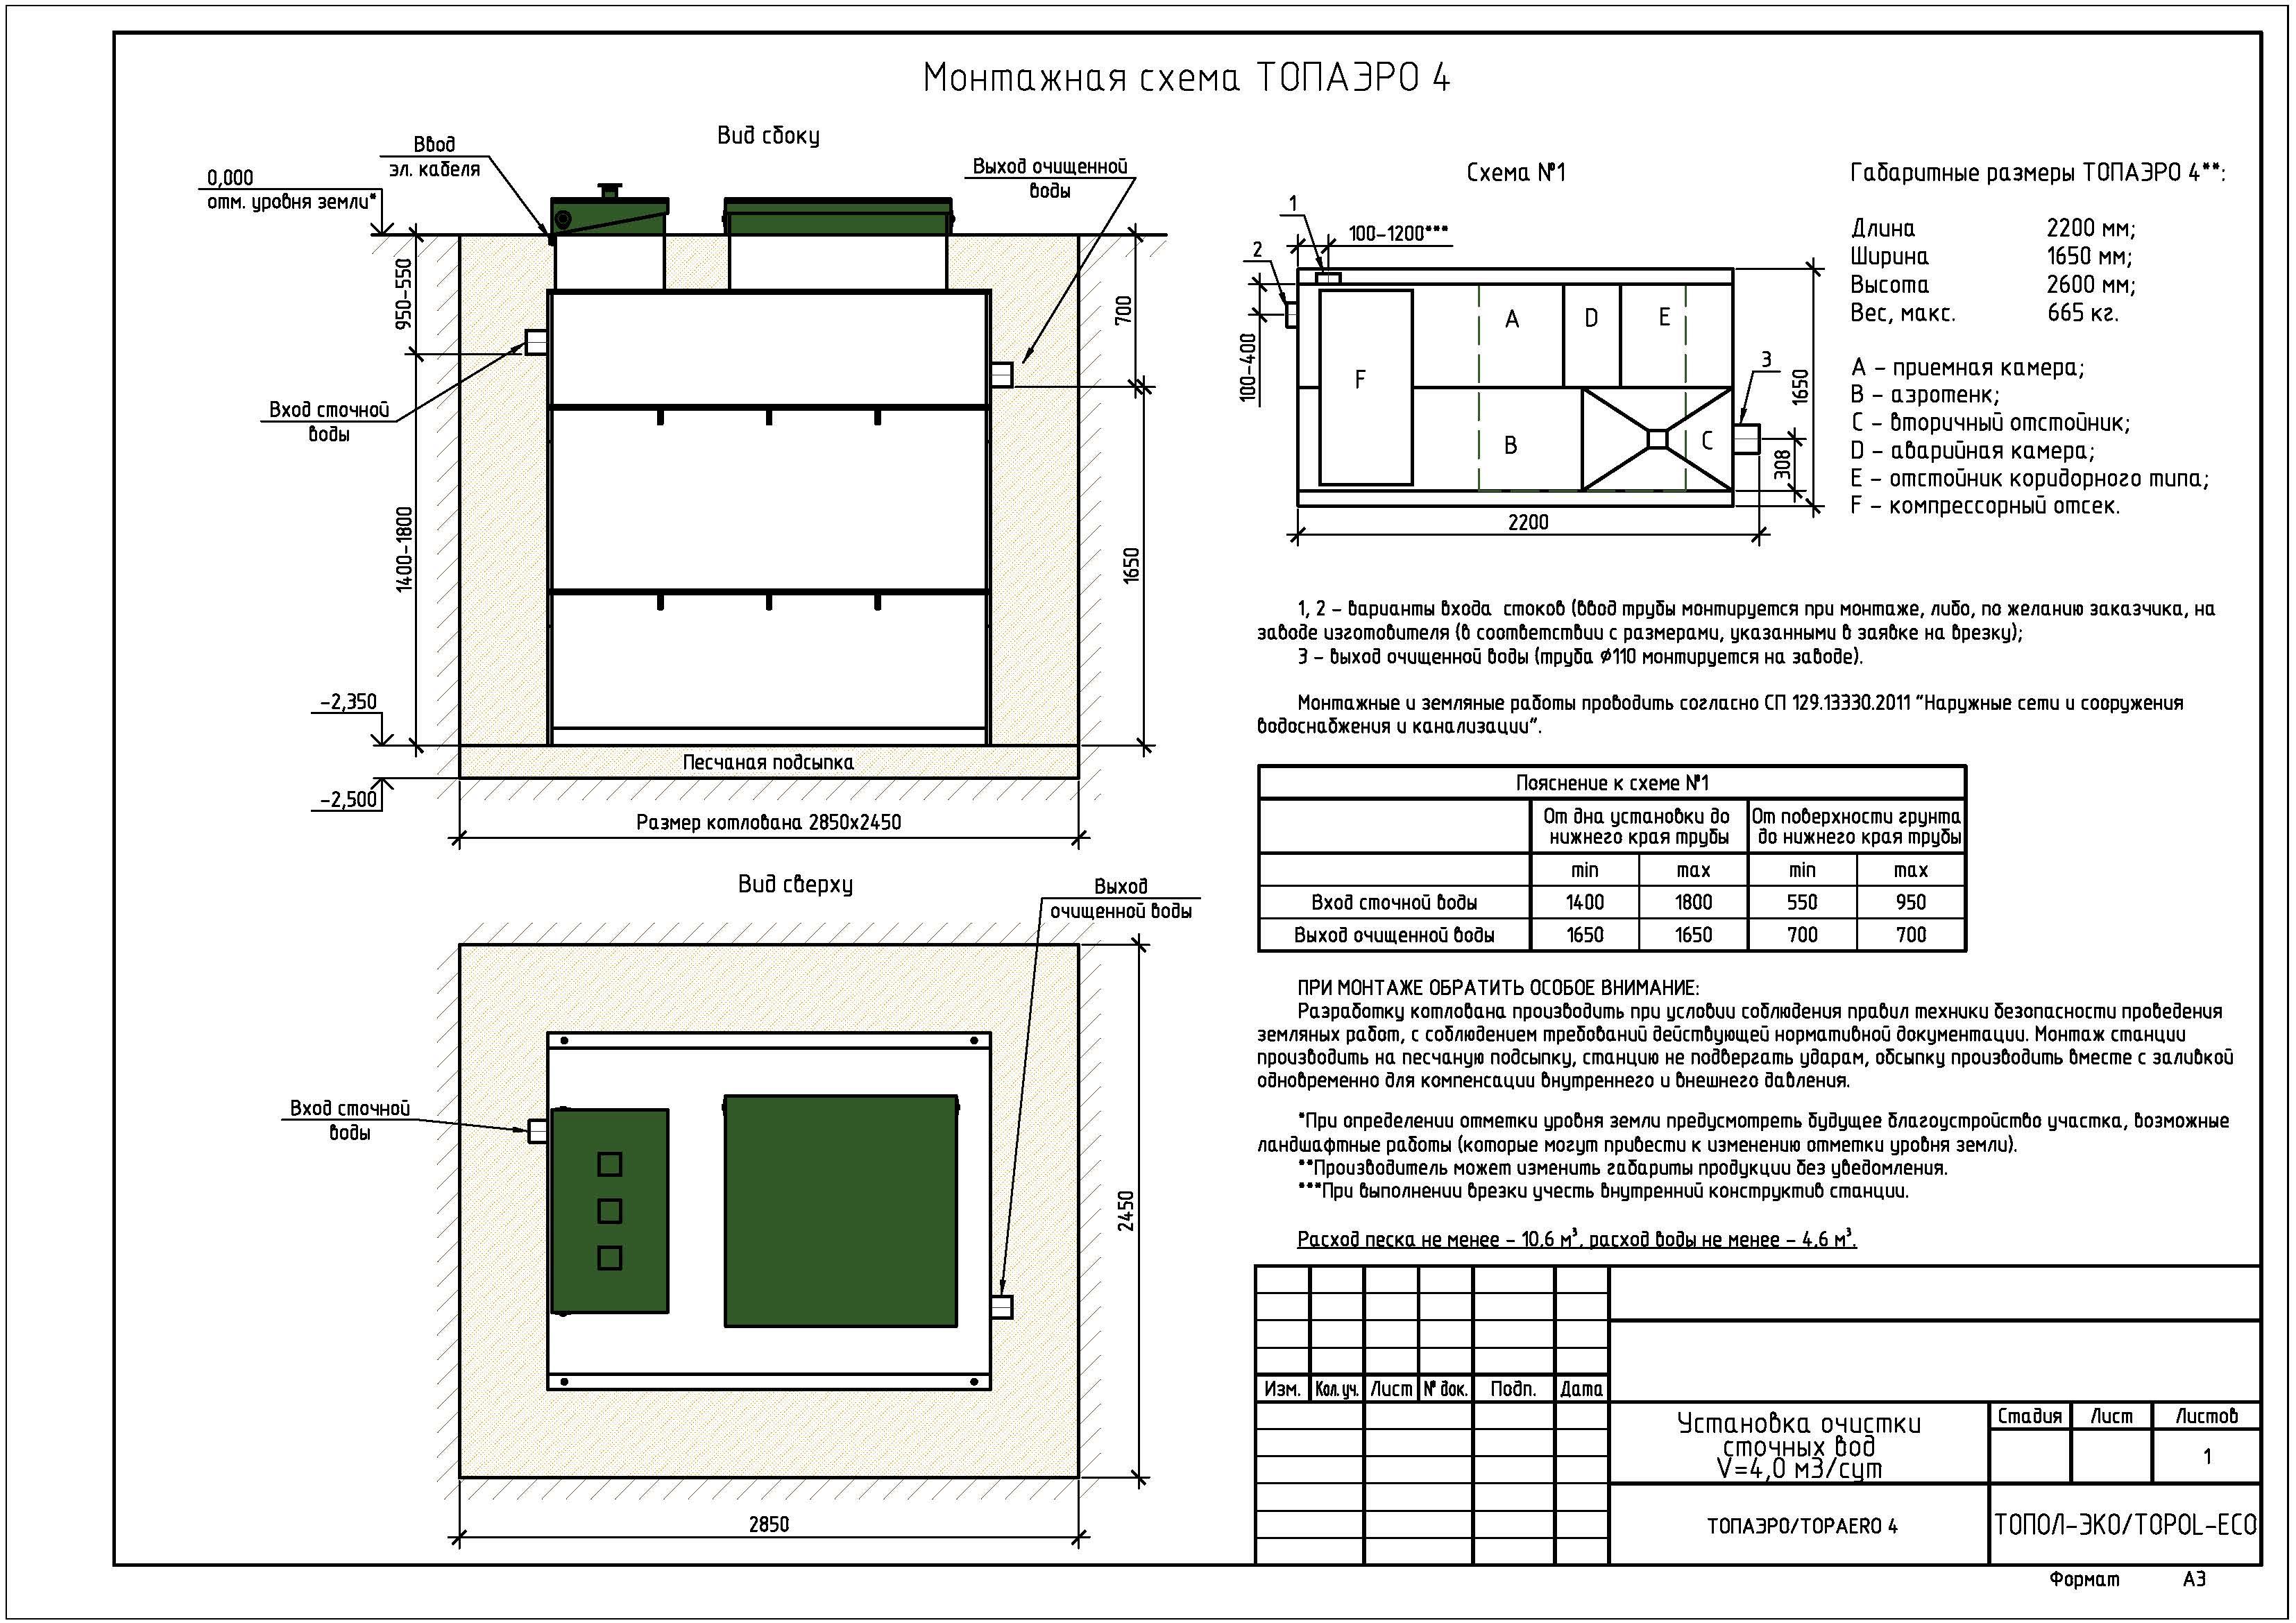 Схема монтажа септика Топаэро 4